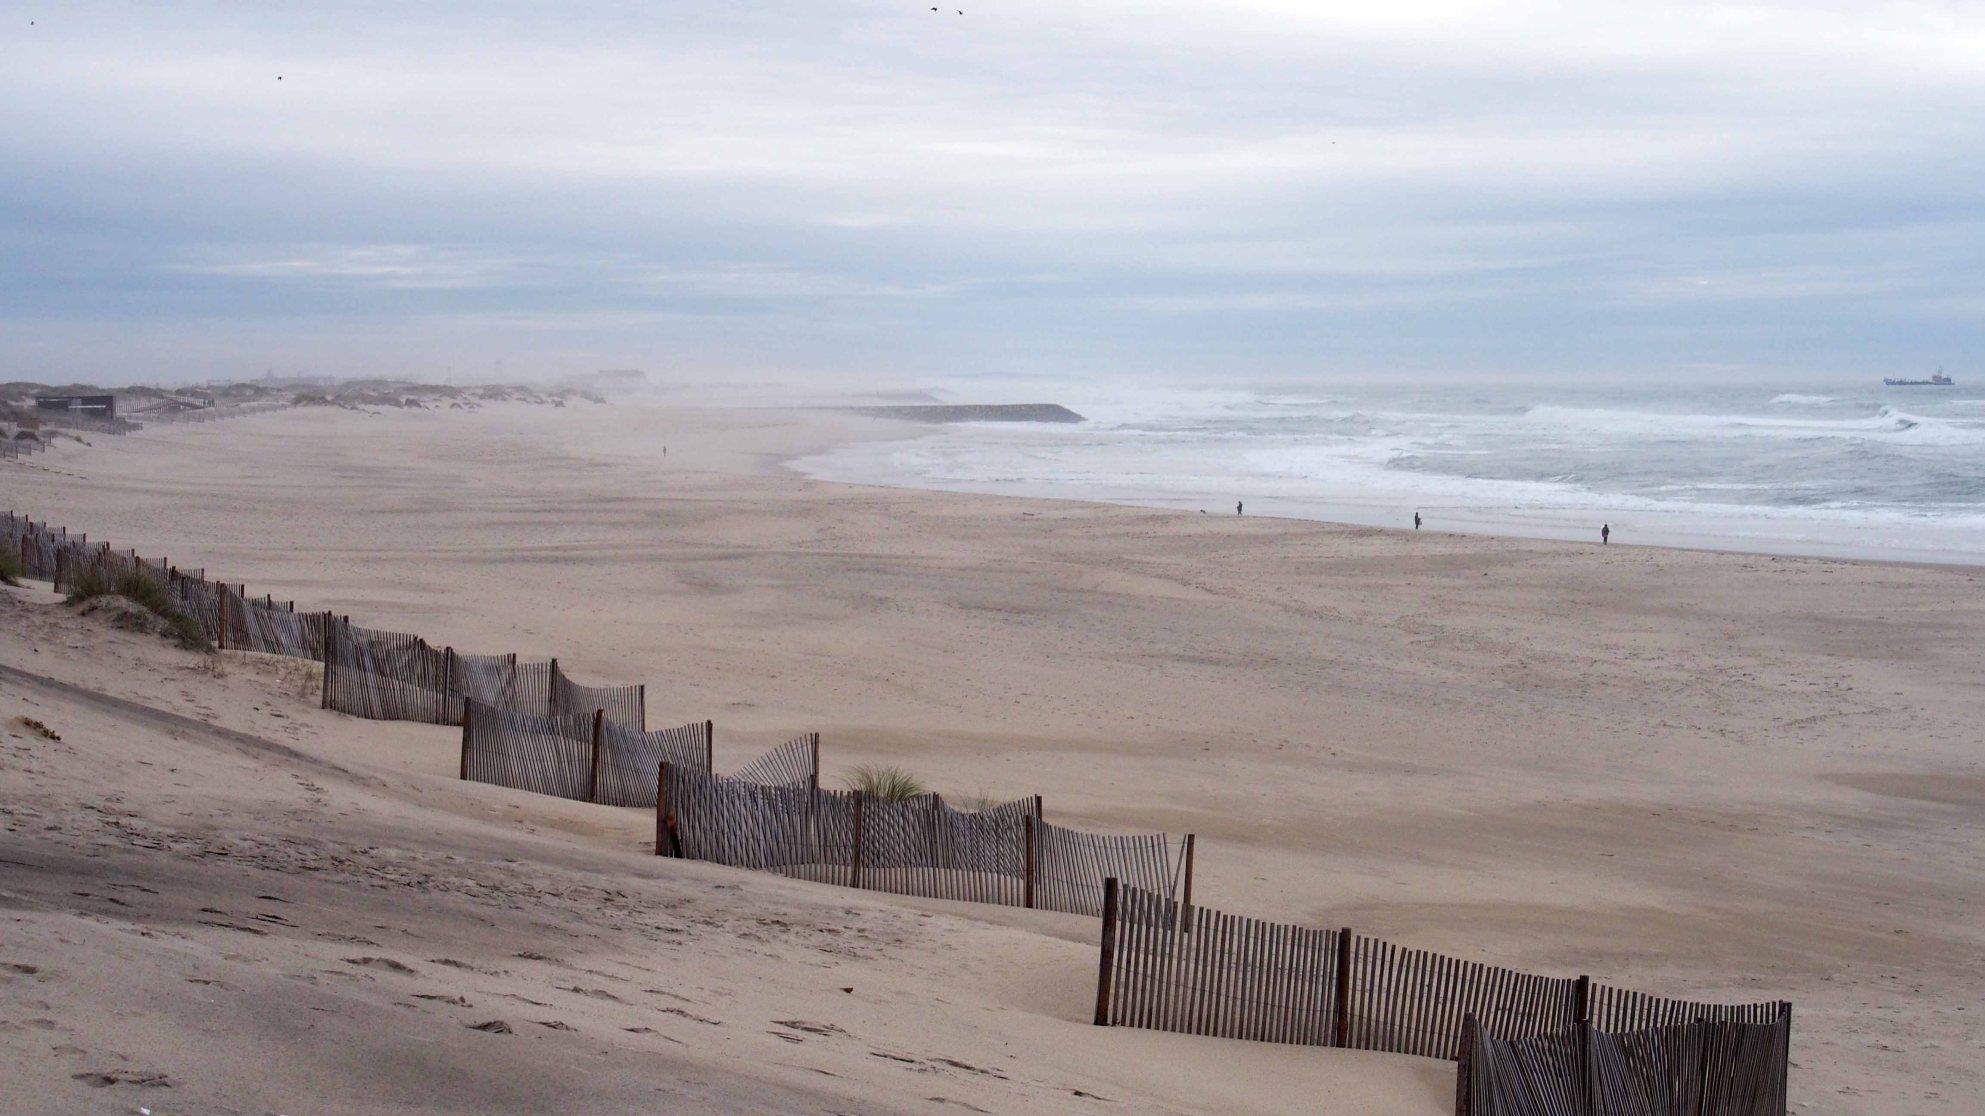 playa-da-barra-portugal